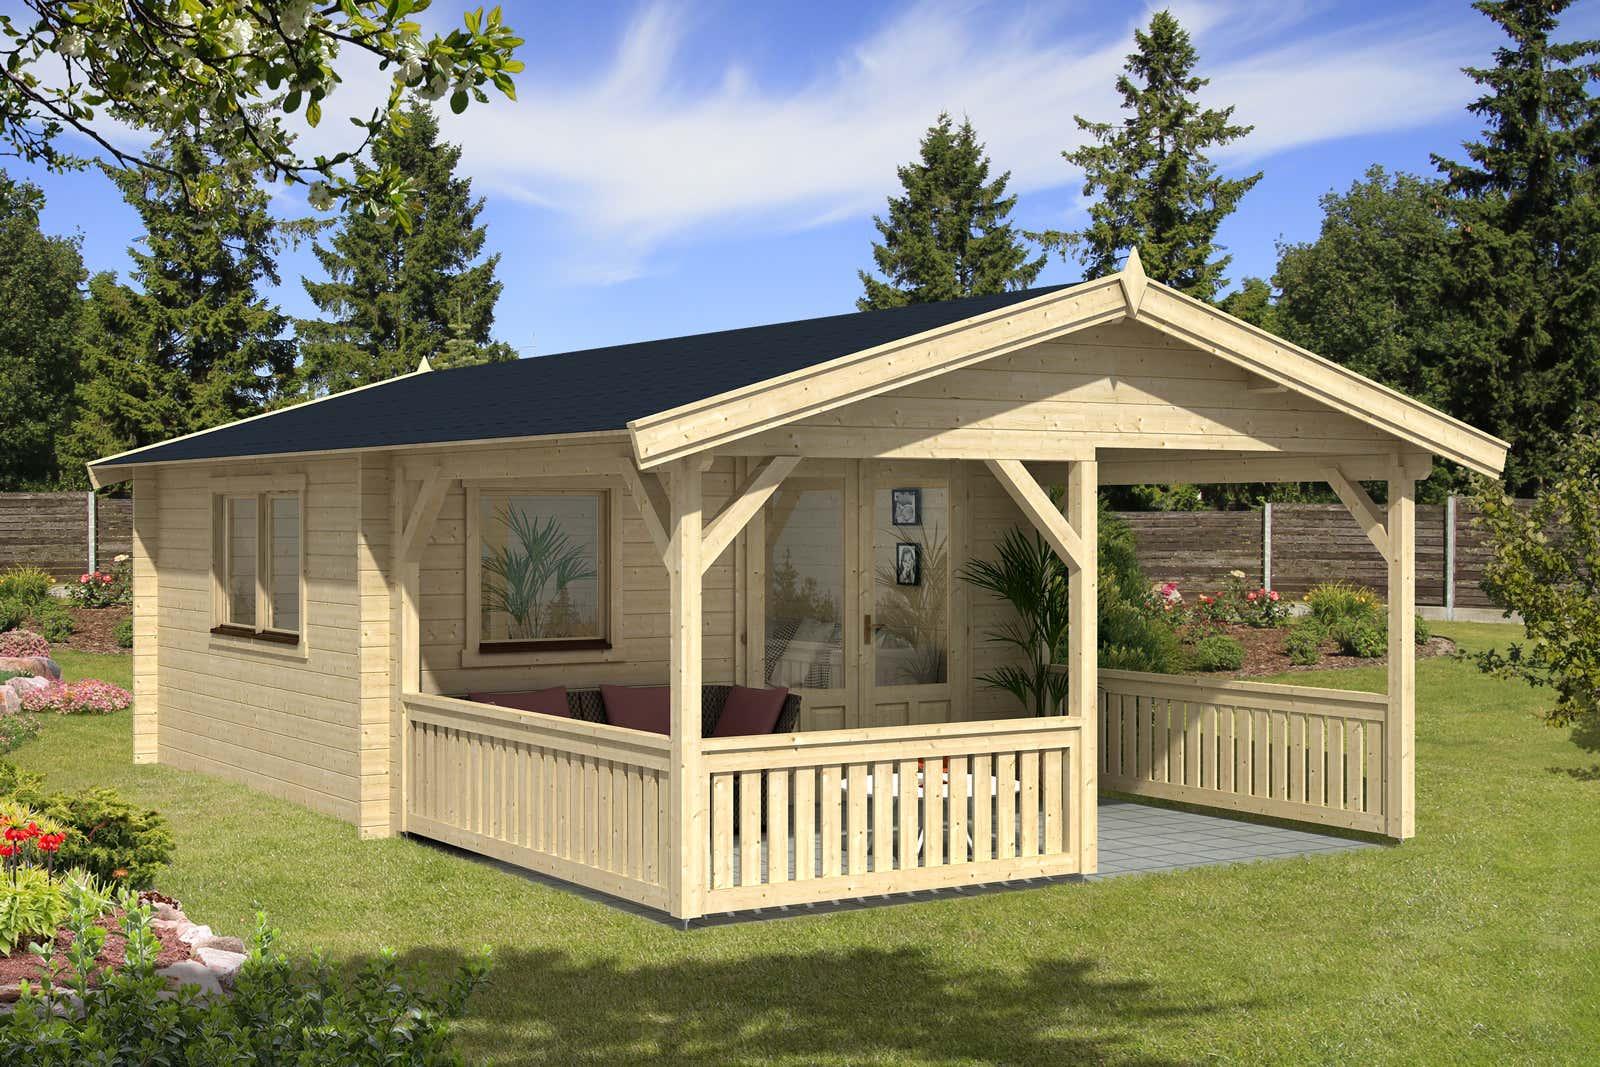 gartenh user mit berdachter terrasse oder veranda kaufen. Black Bedroom Furniture Sets. Home Design Ideas